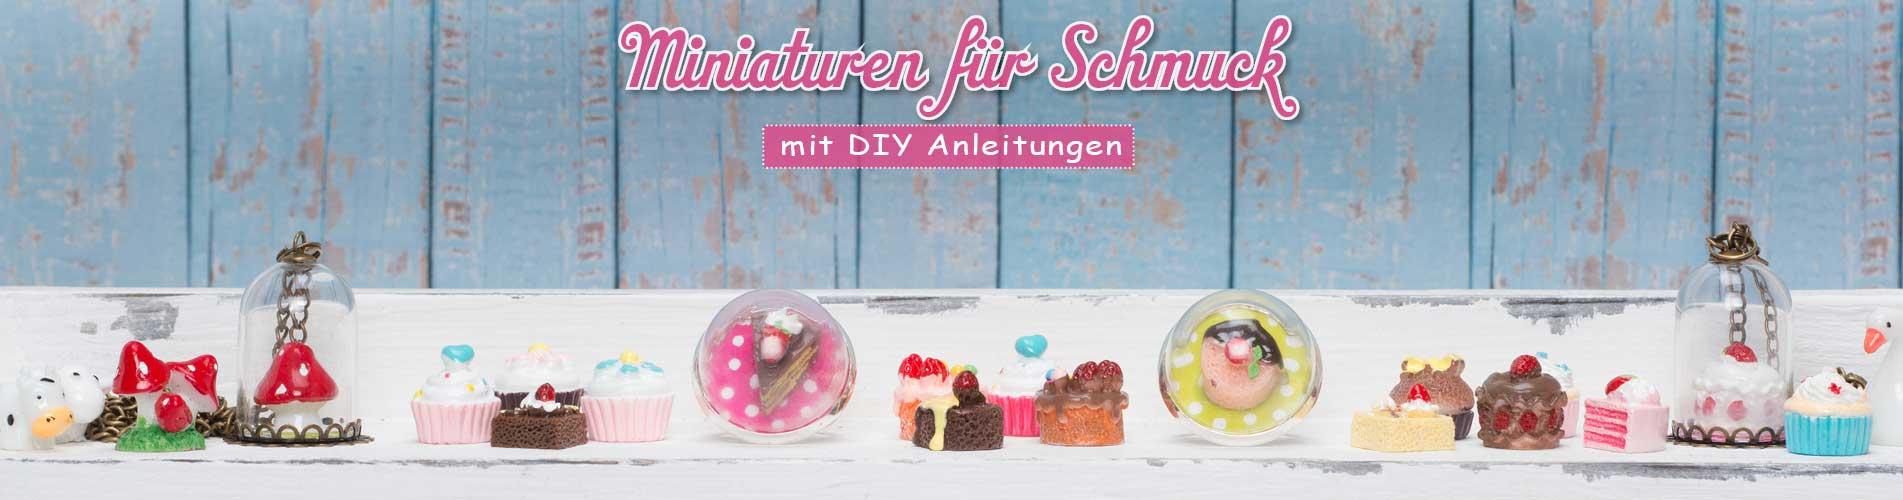 Tiny Miniaturen für Schmuck